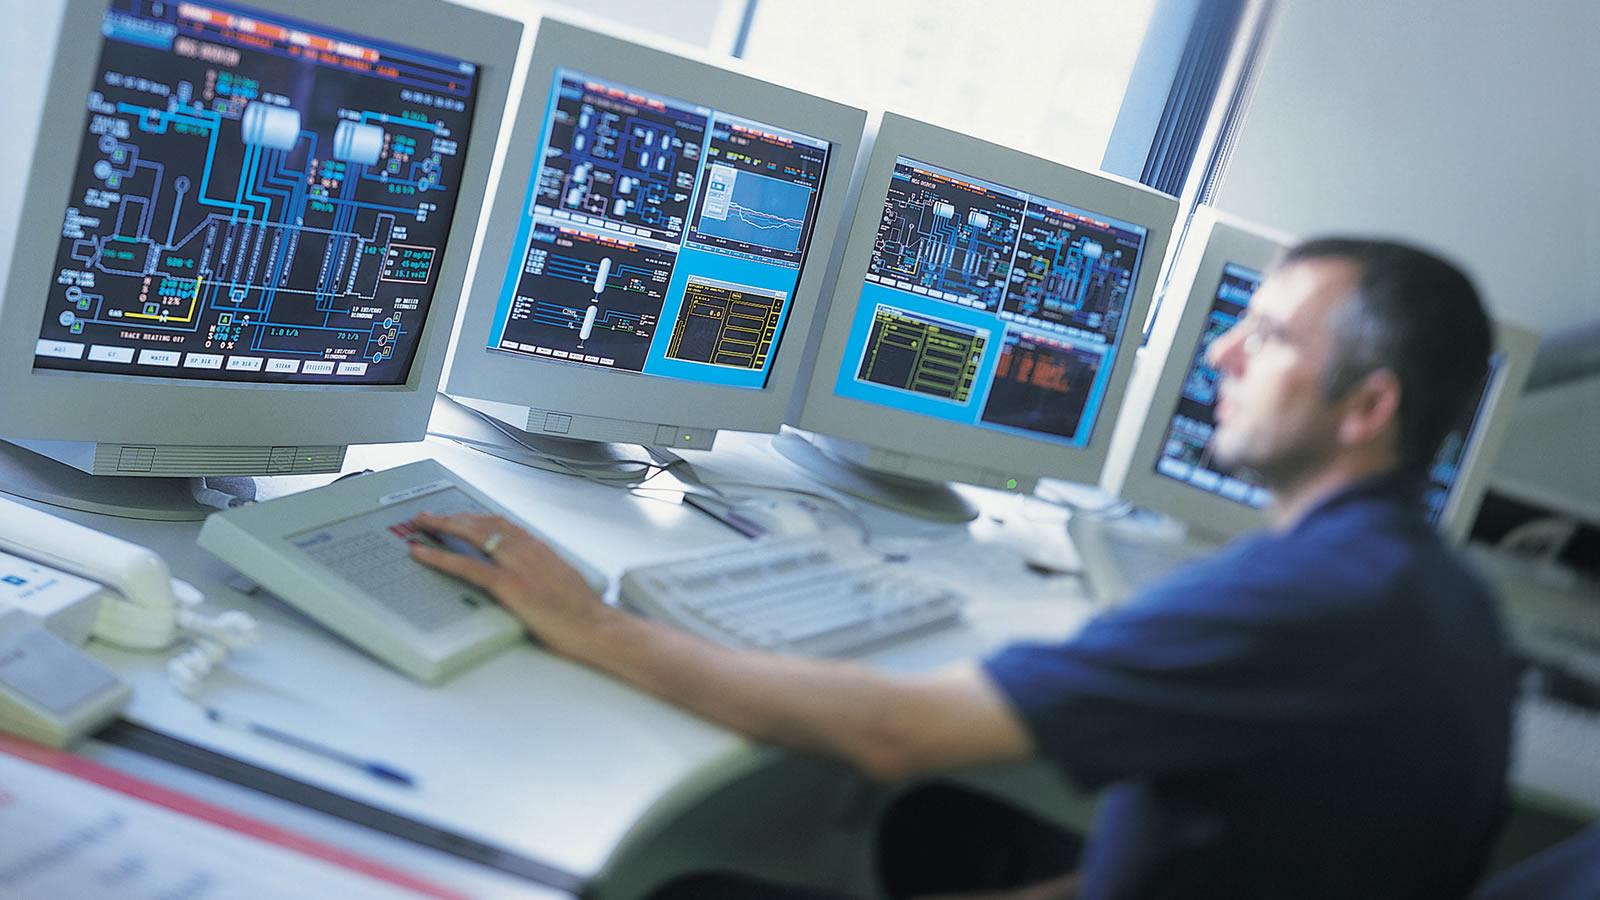 Статьи по автоматизации работы на компьютере